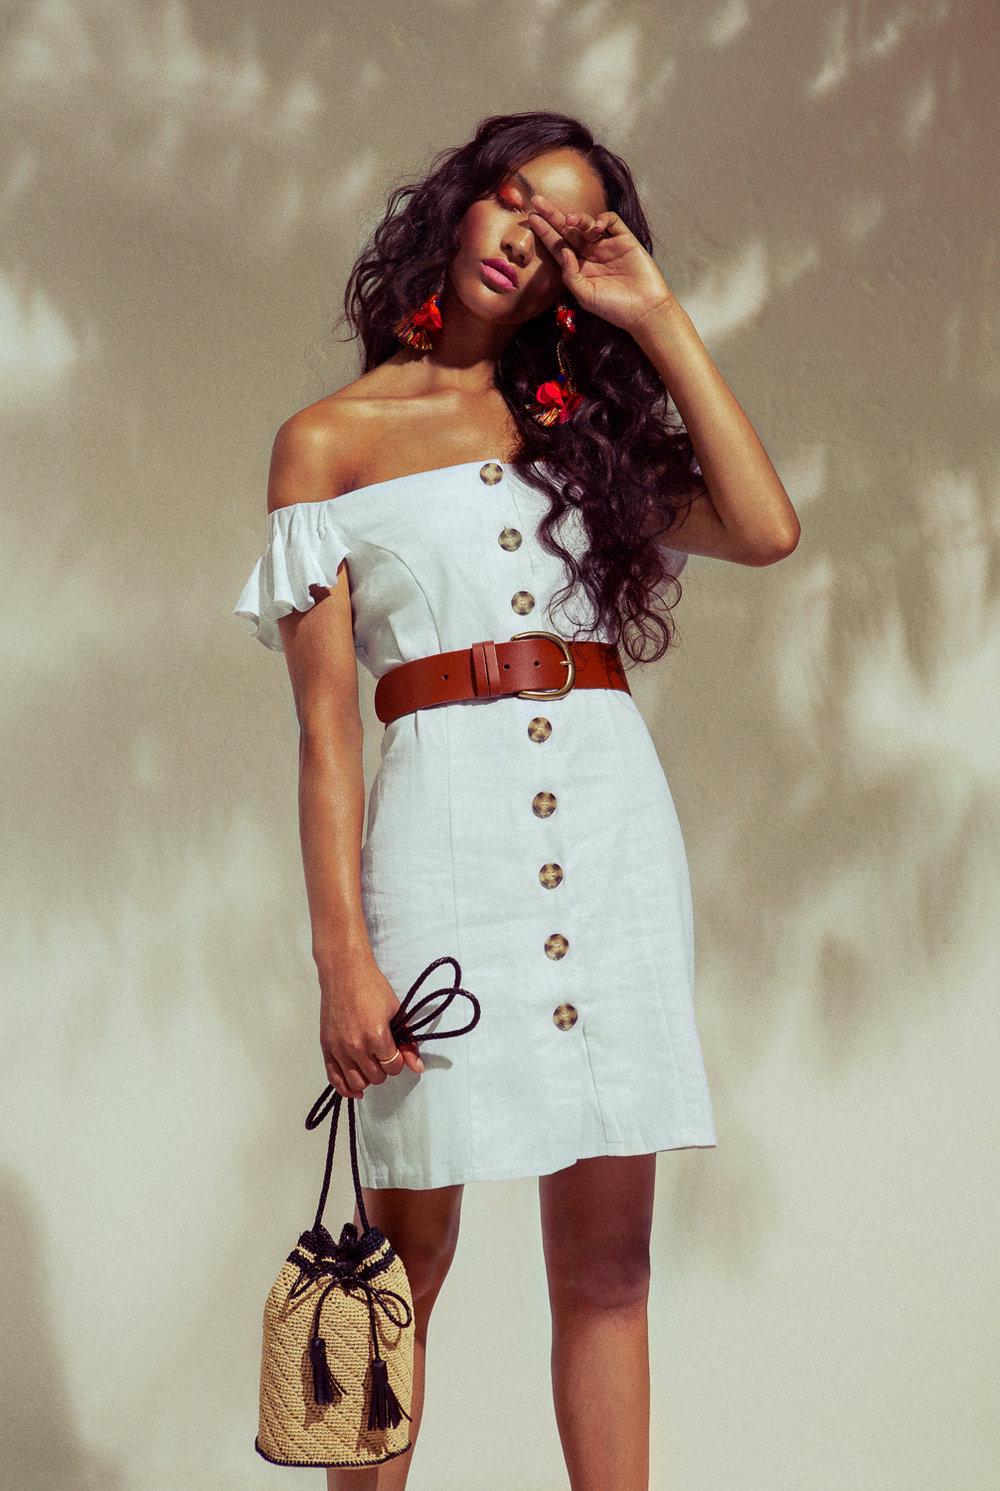 Zalando-summer-dresses-georgia-palmer-by-rok-trzan-1.jpg